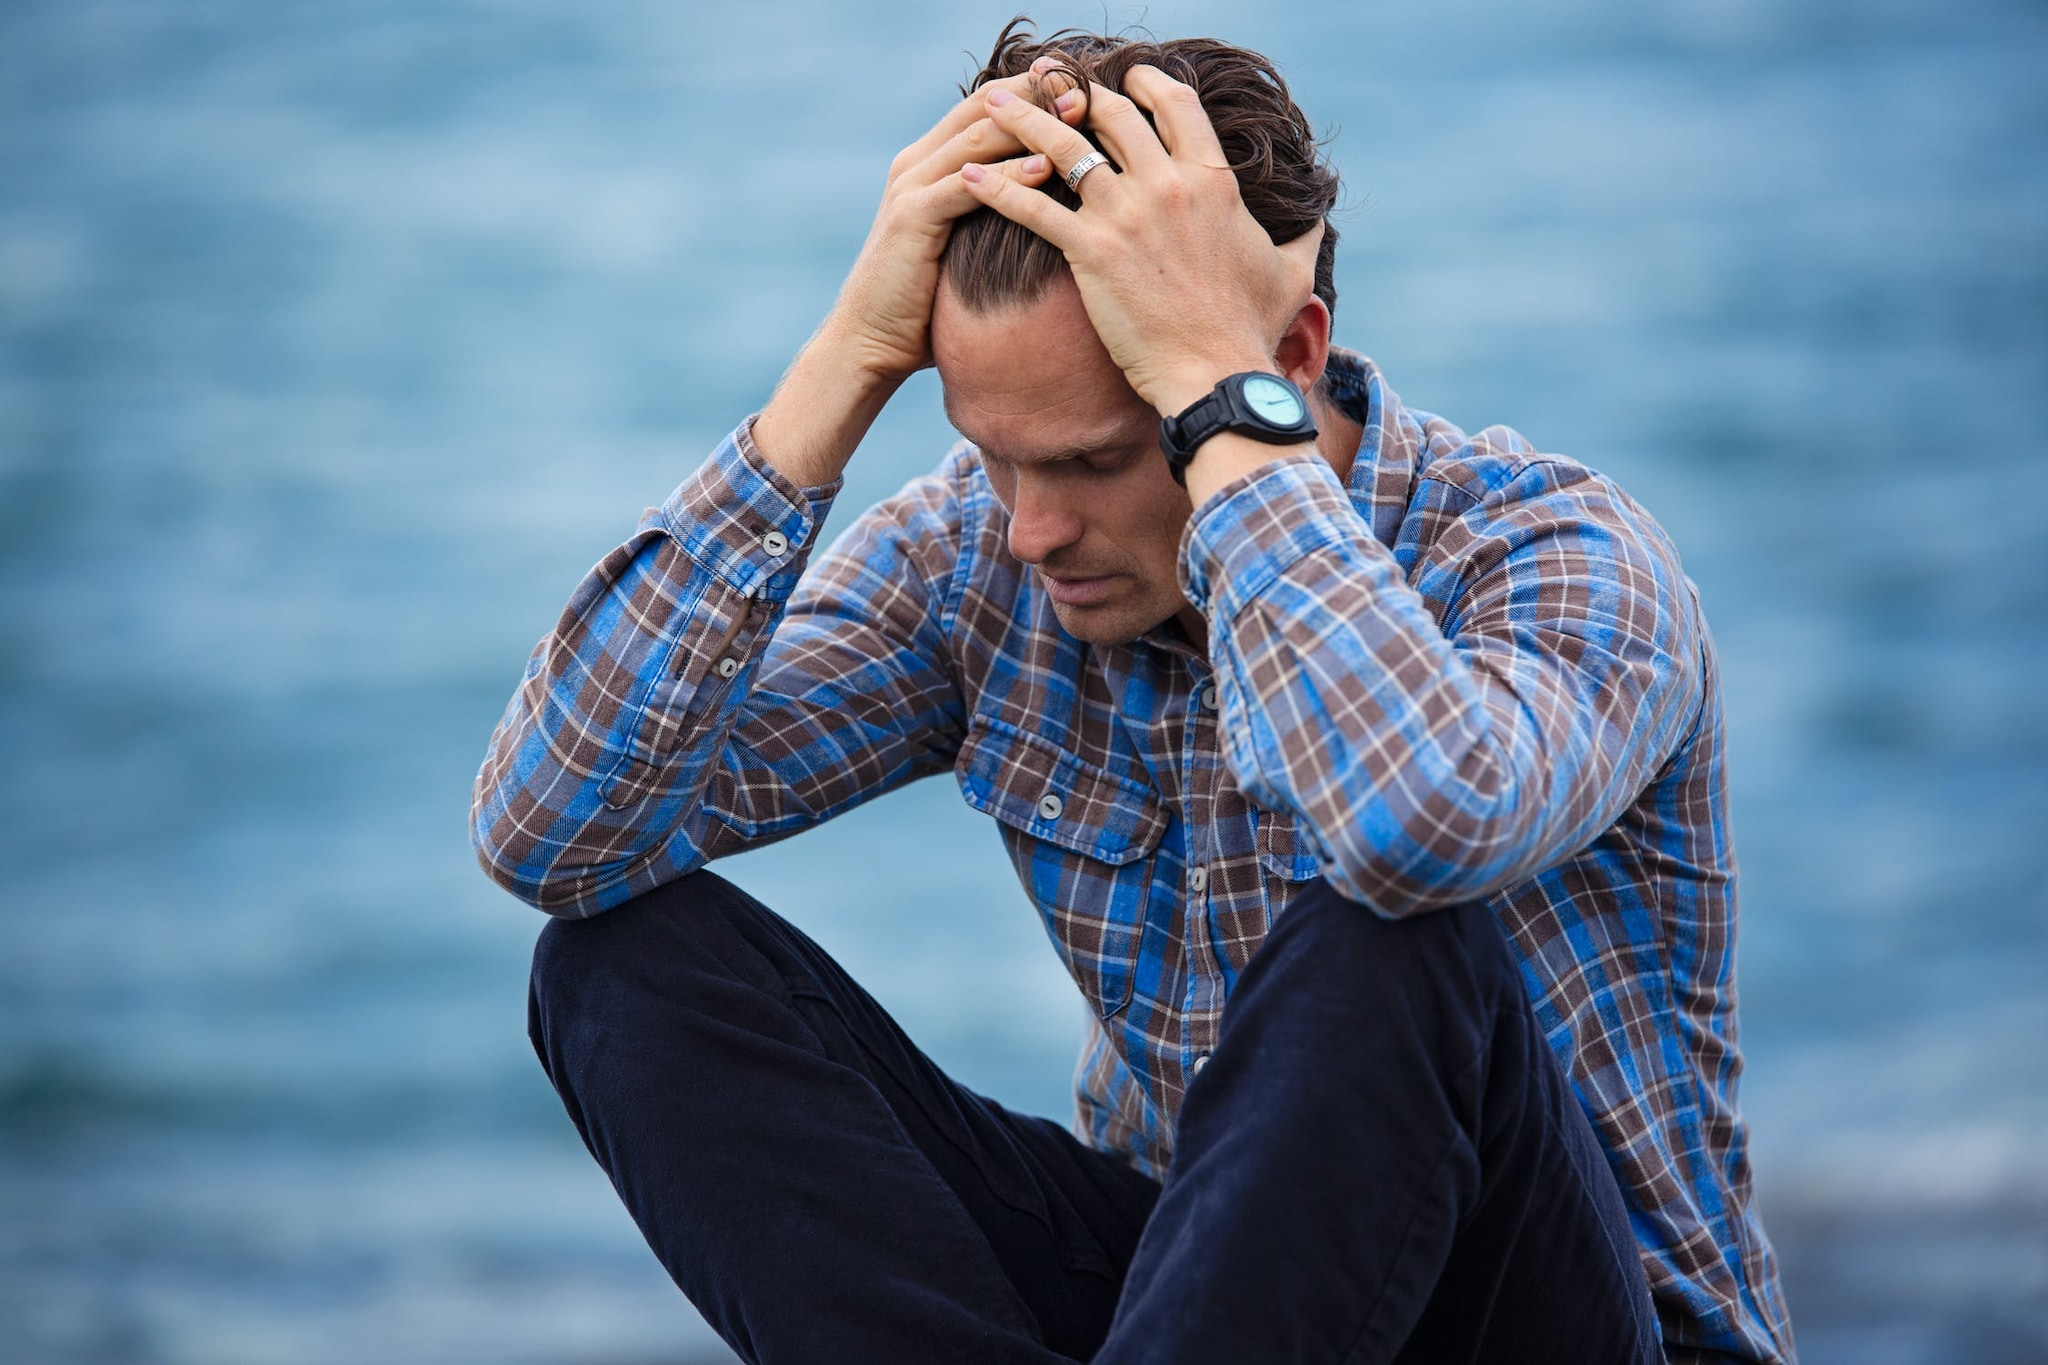 संशोधनानुसार, जे एकटेपणाचे शिकार होतात त्यांना क्रॉनिक डिजीजचा धोका सर्वाधिक असतो.